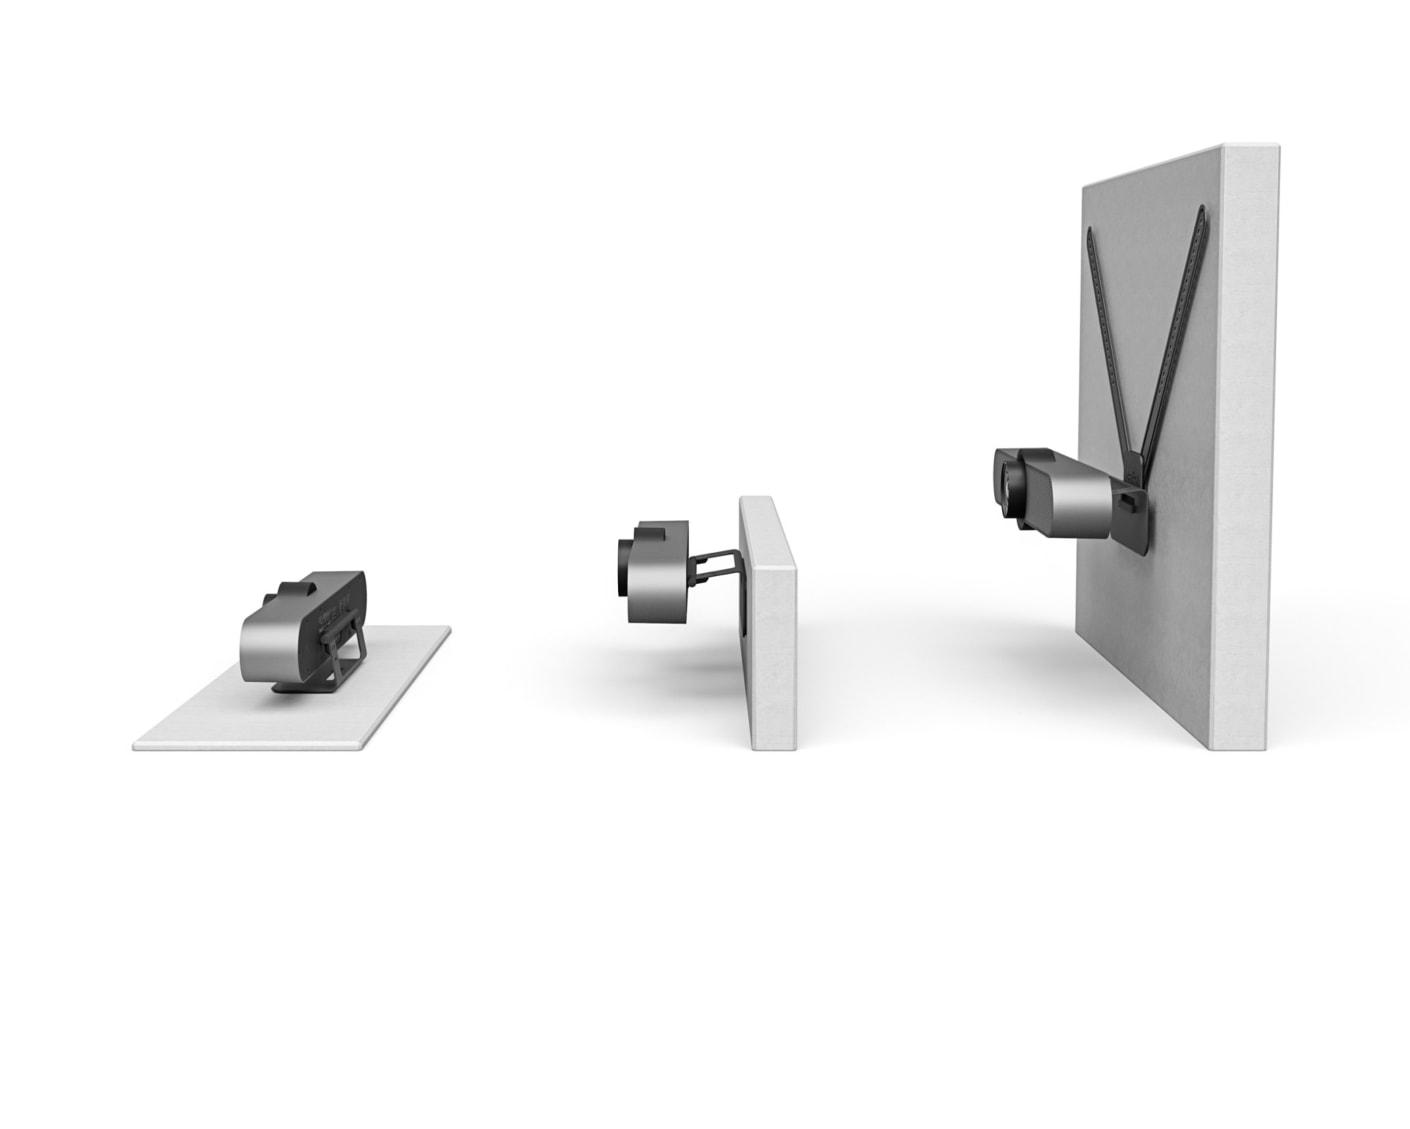 Zijaanzicht van MeetUp-bevestigingsopties: standaard voor tafel, wandbevestiging en tv-bevestiging